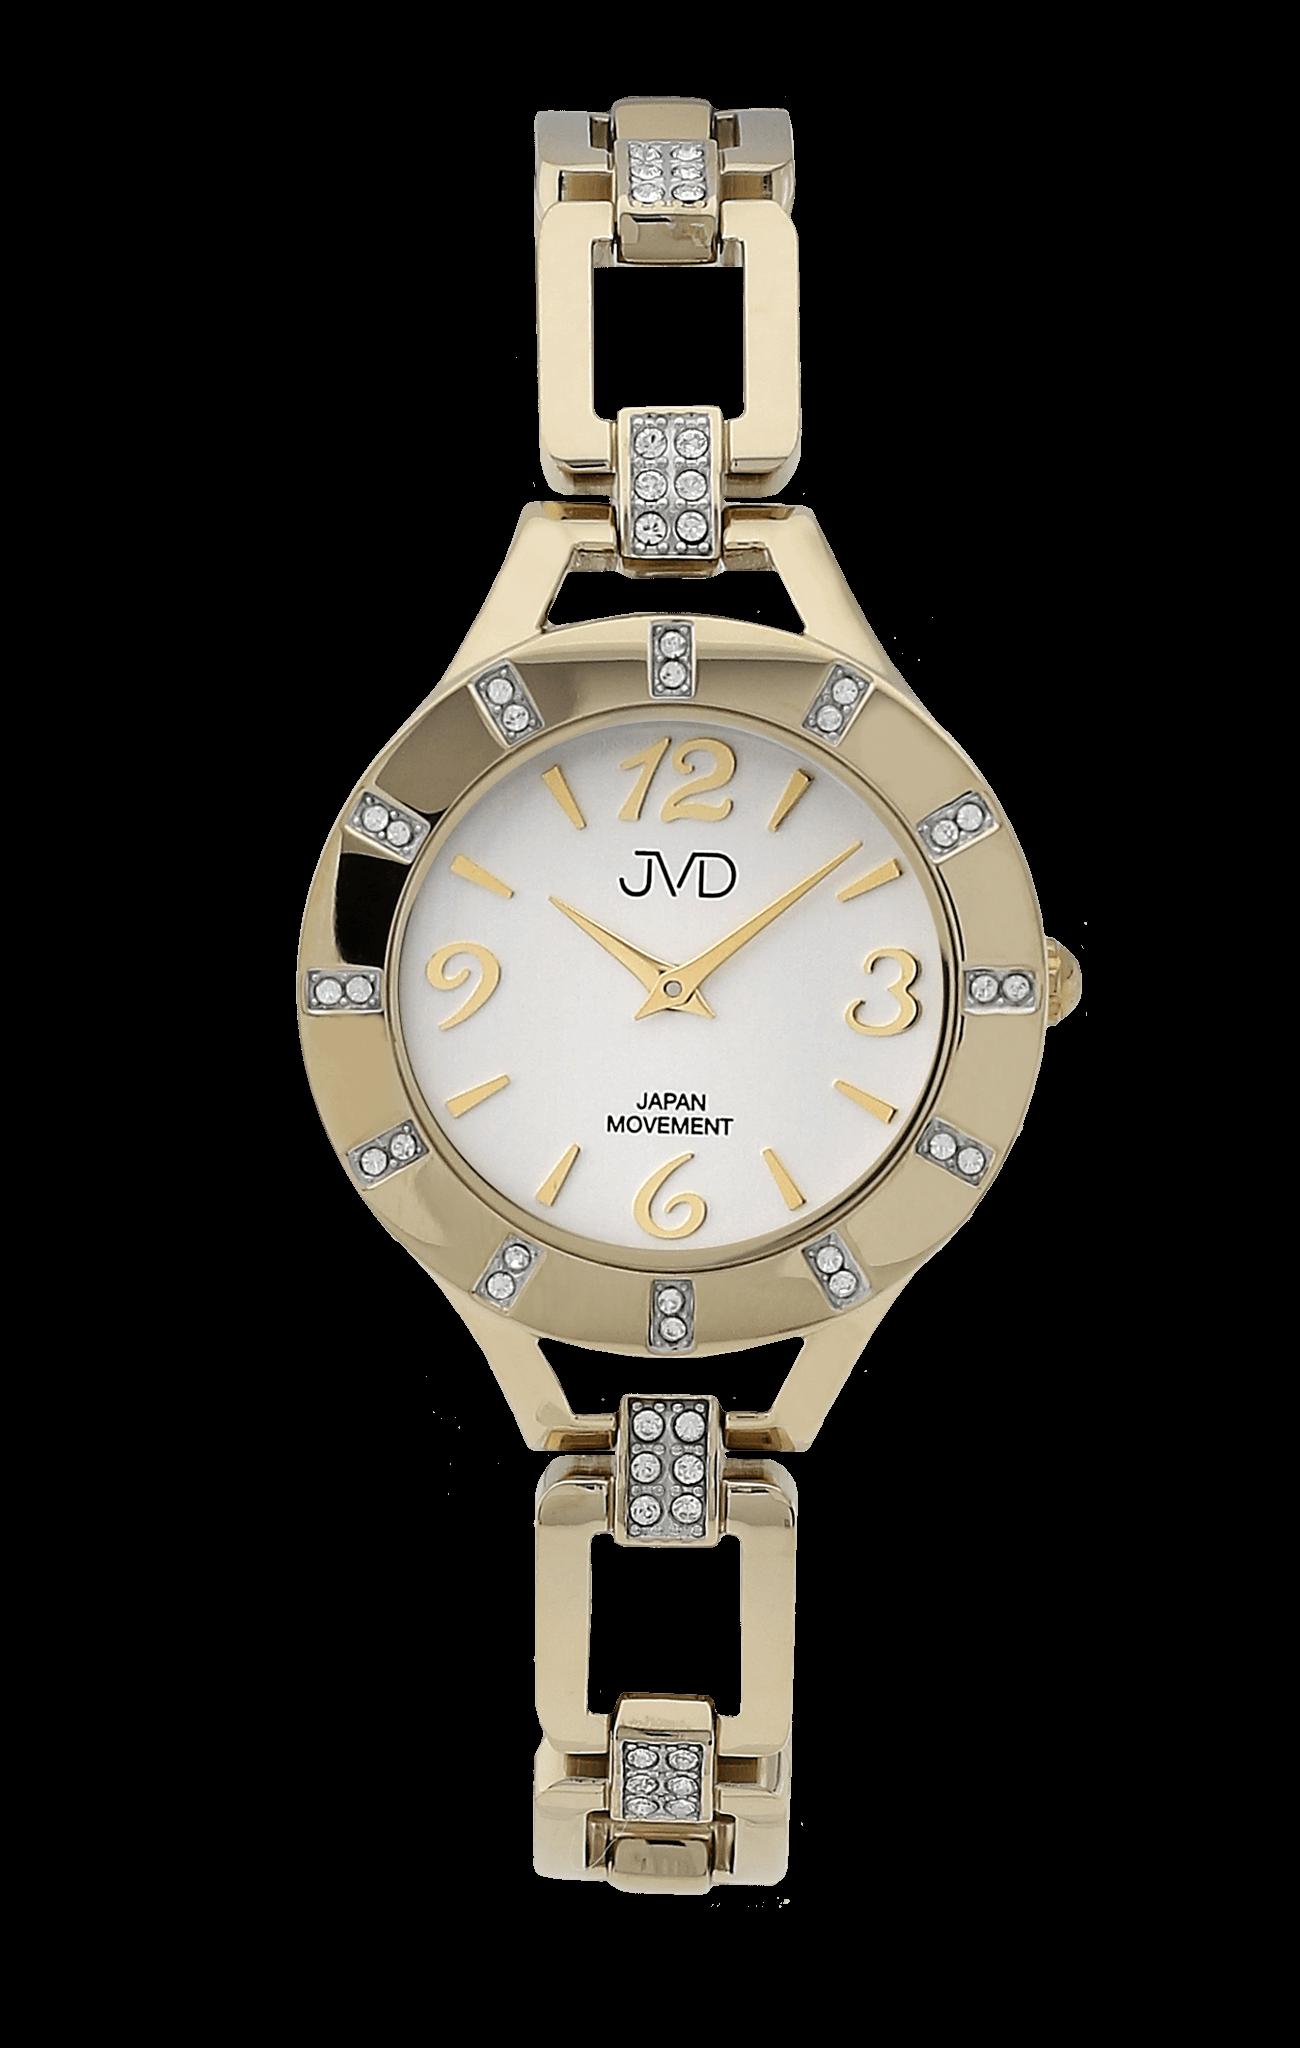 Dámské moderní náramkové hodinky JVD JC065.3 (POŠTOVNÉ ZDARMA!!)